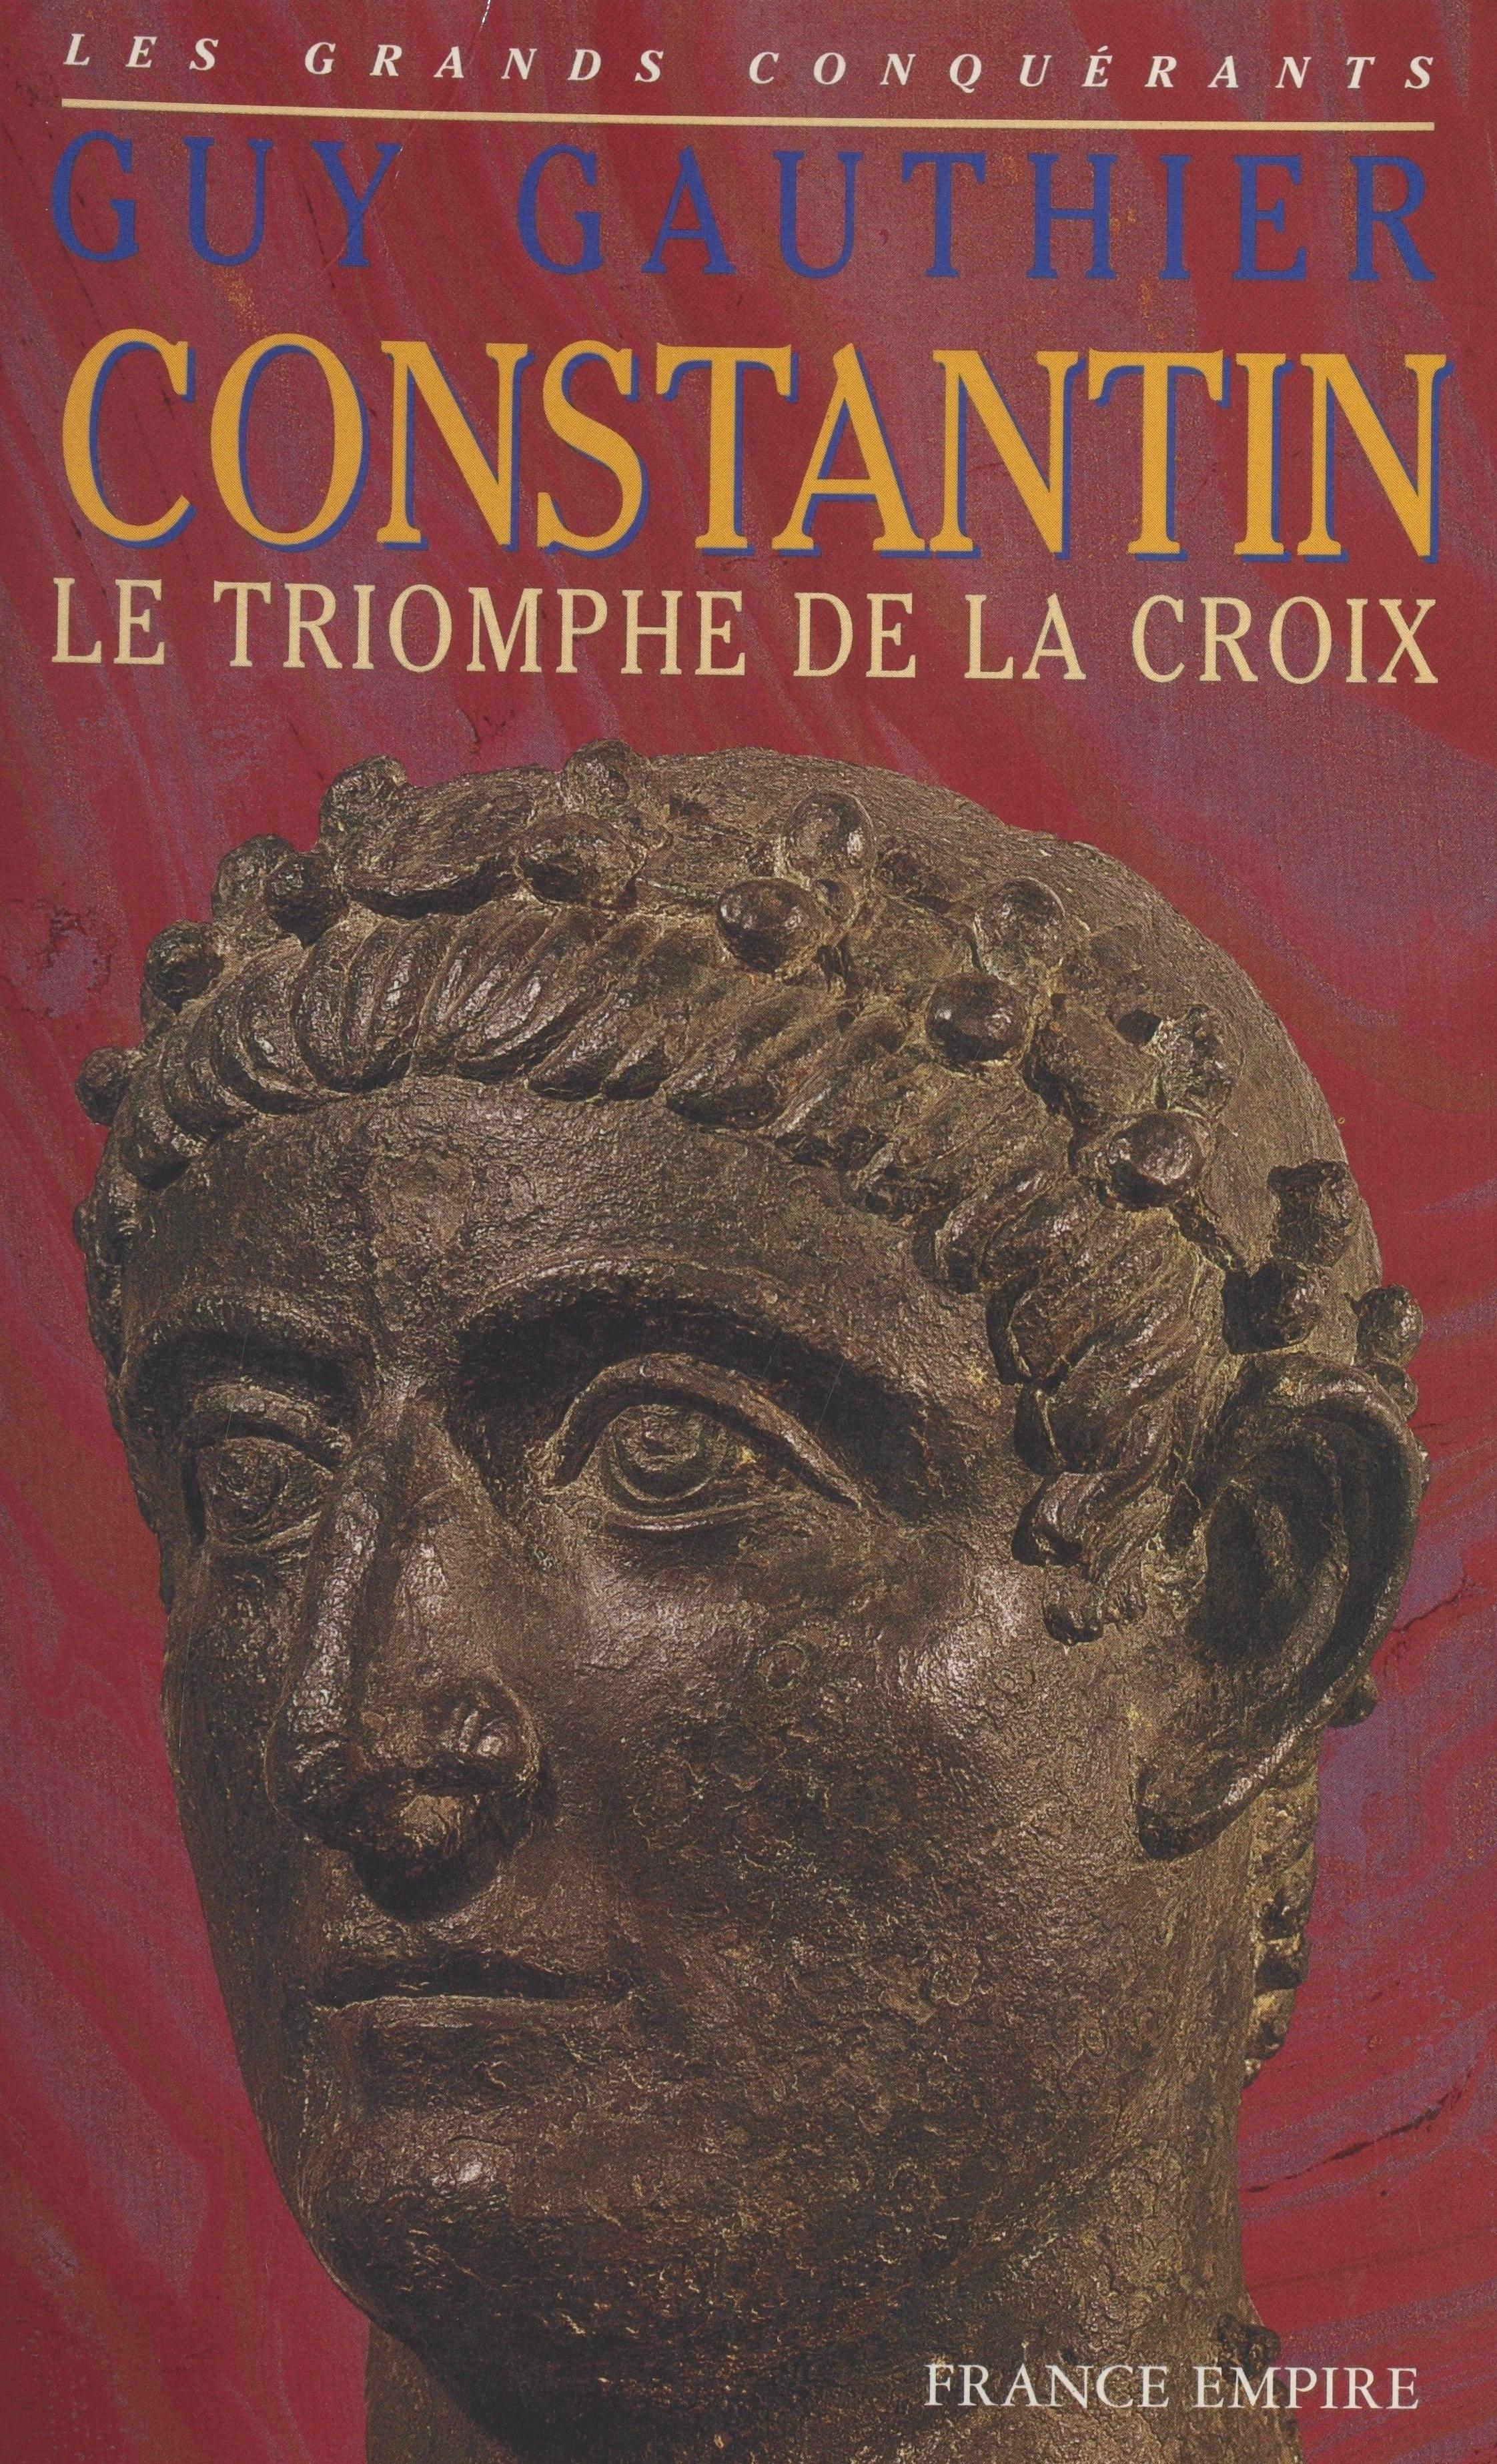 Constantin, LE TRIOMPHE DE LA CROIX